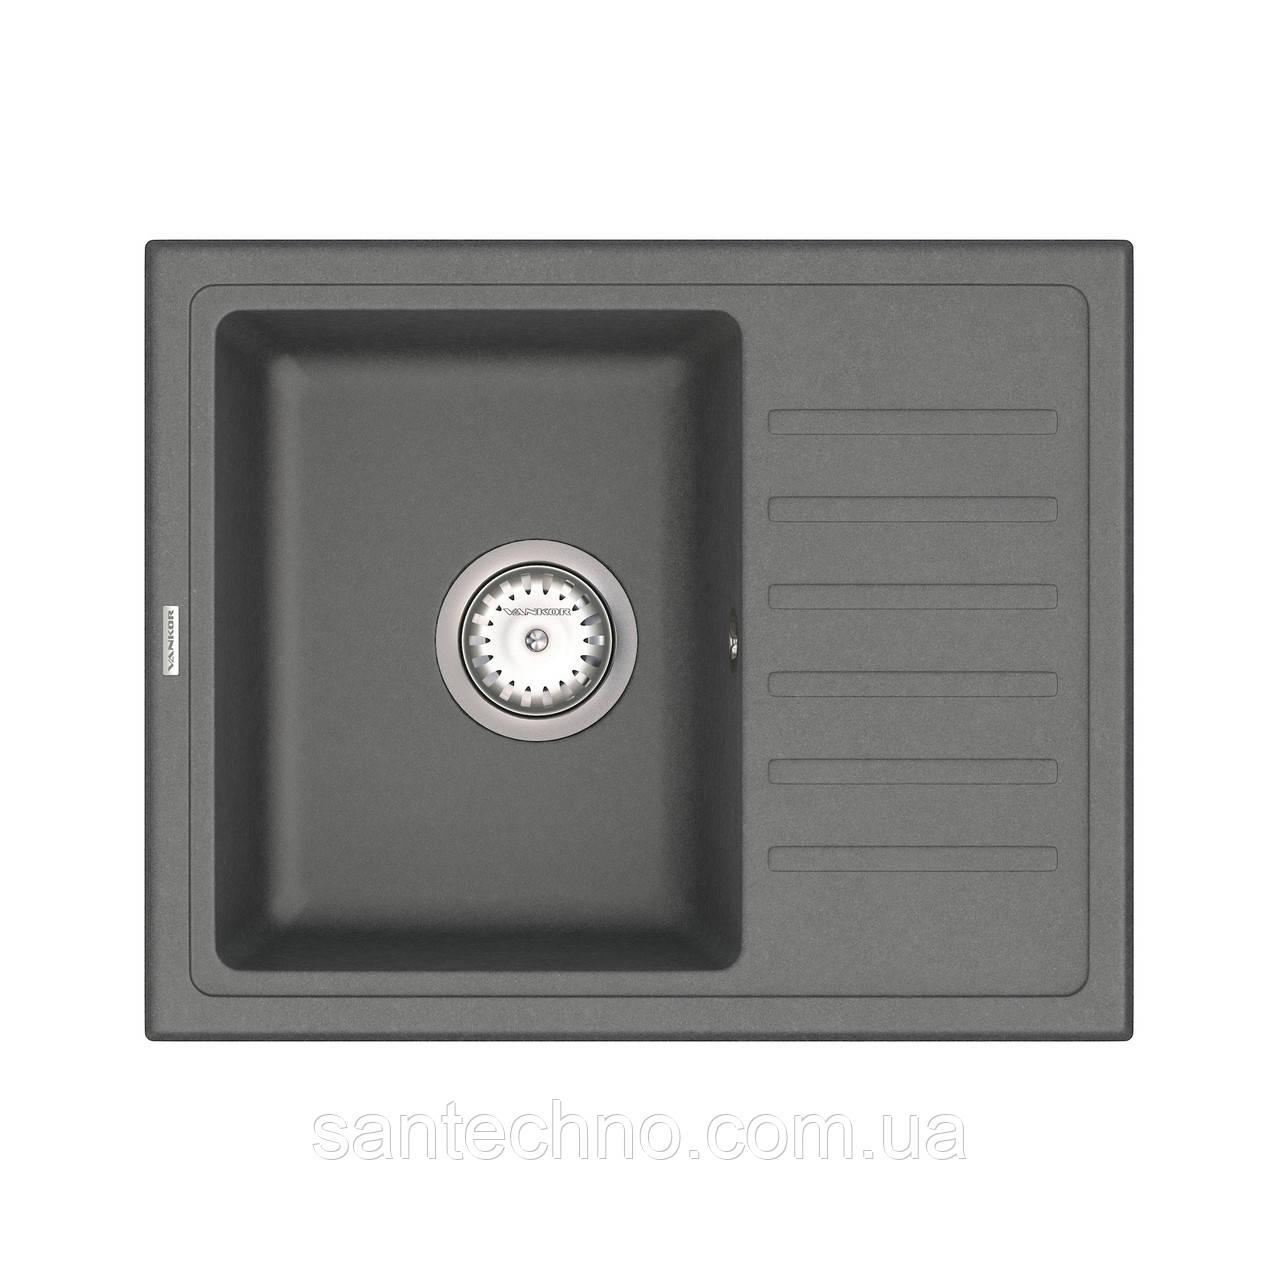 Кухонная мойка с крылом серая VANKOR Lira LMP 02.55 Gray + сифон VANKOR